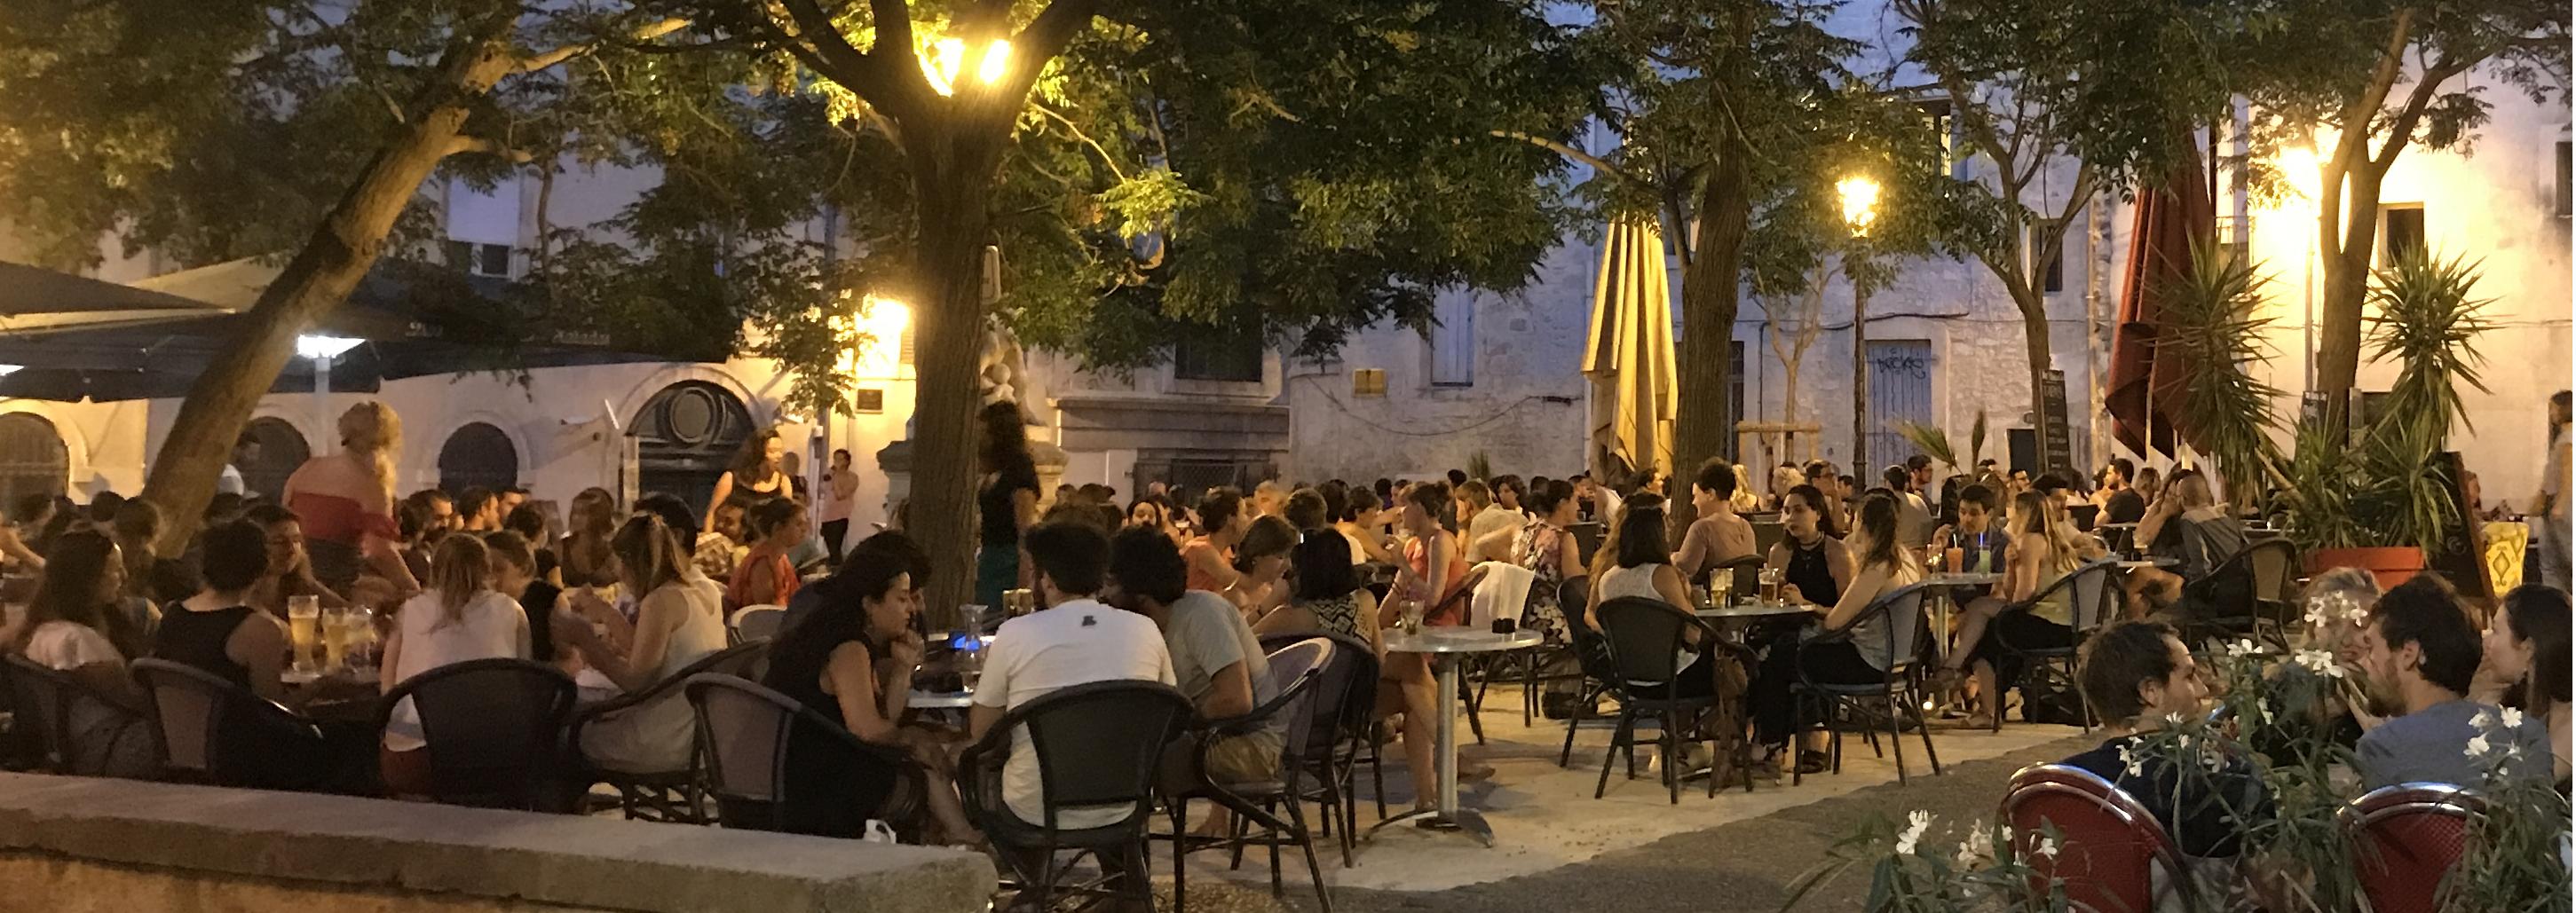 Place Candolle - AEF - Hébergement chez l'habitant à Montpellier